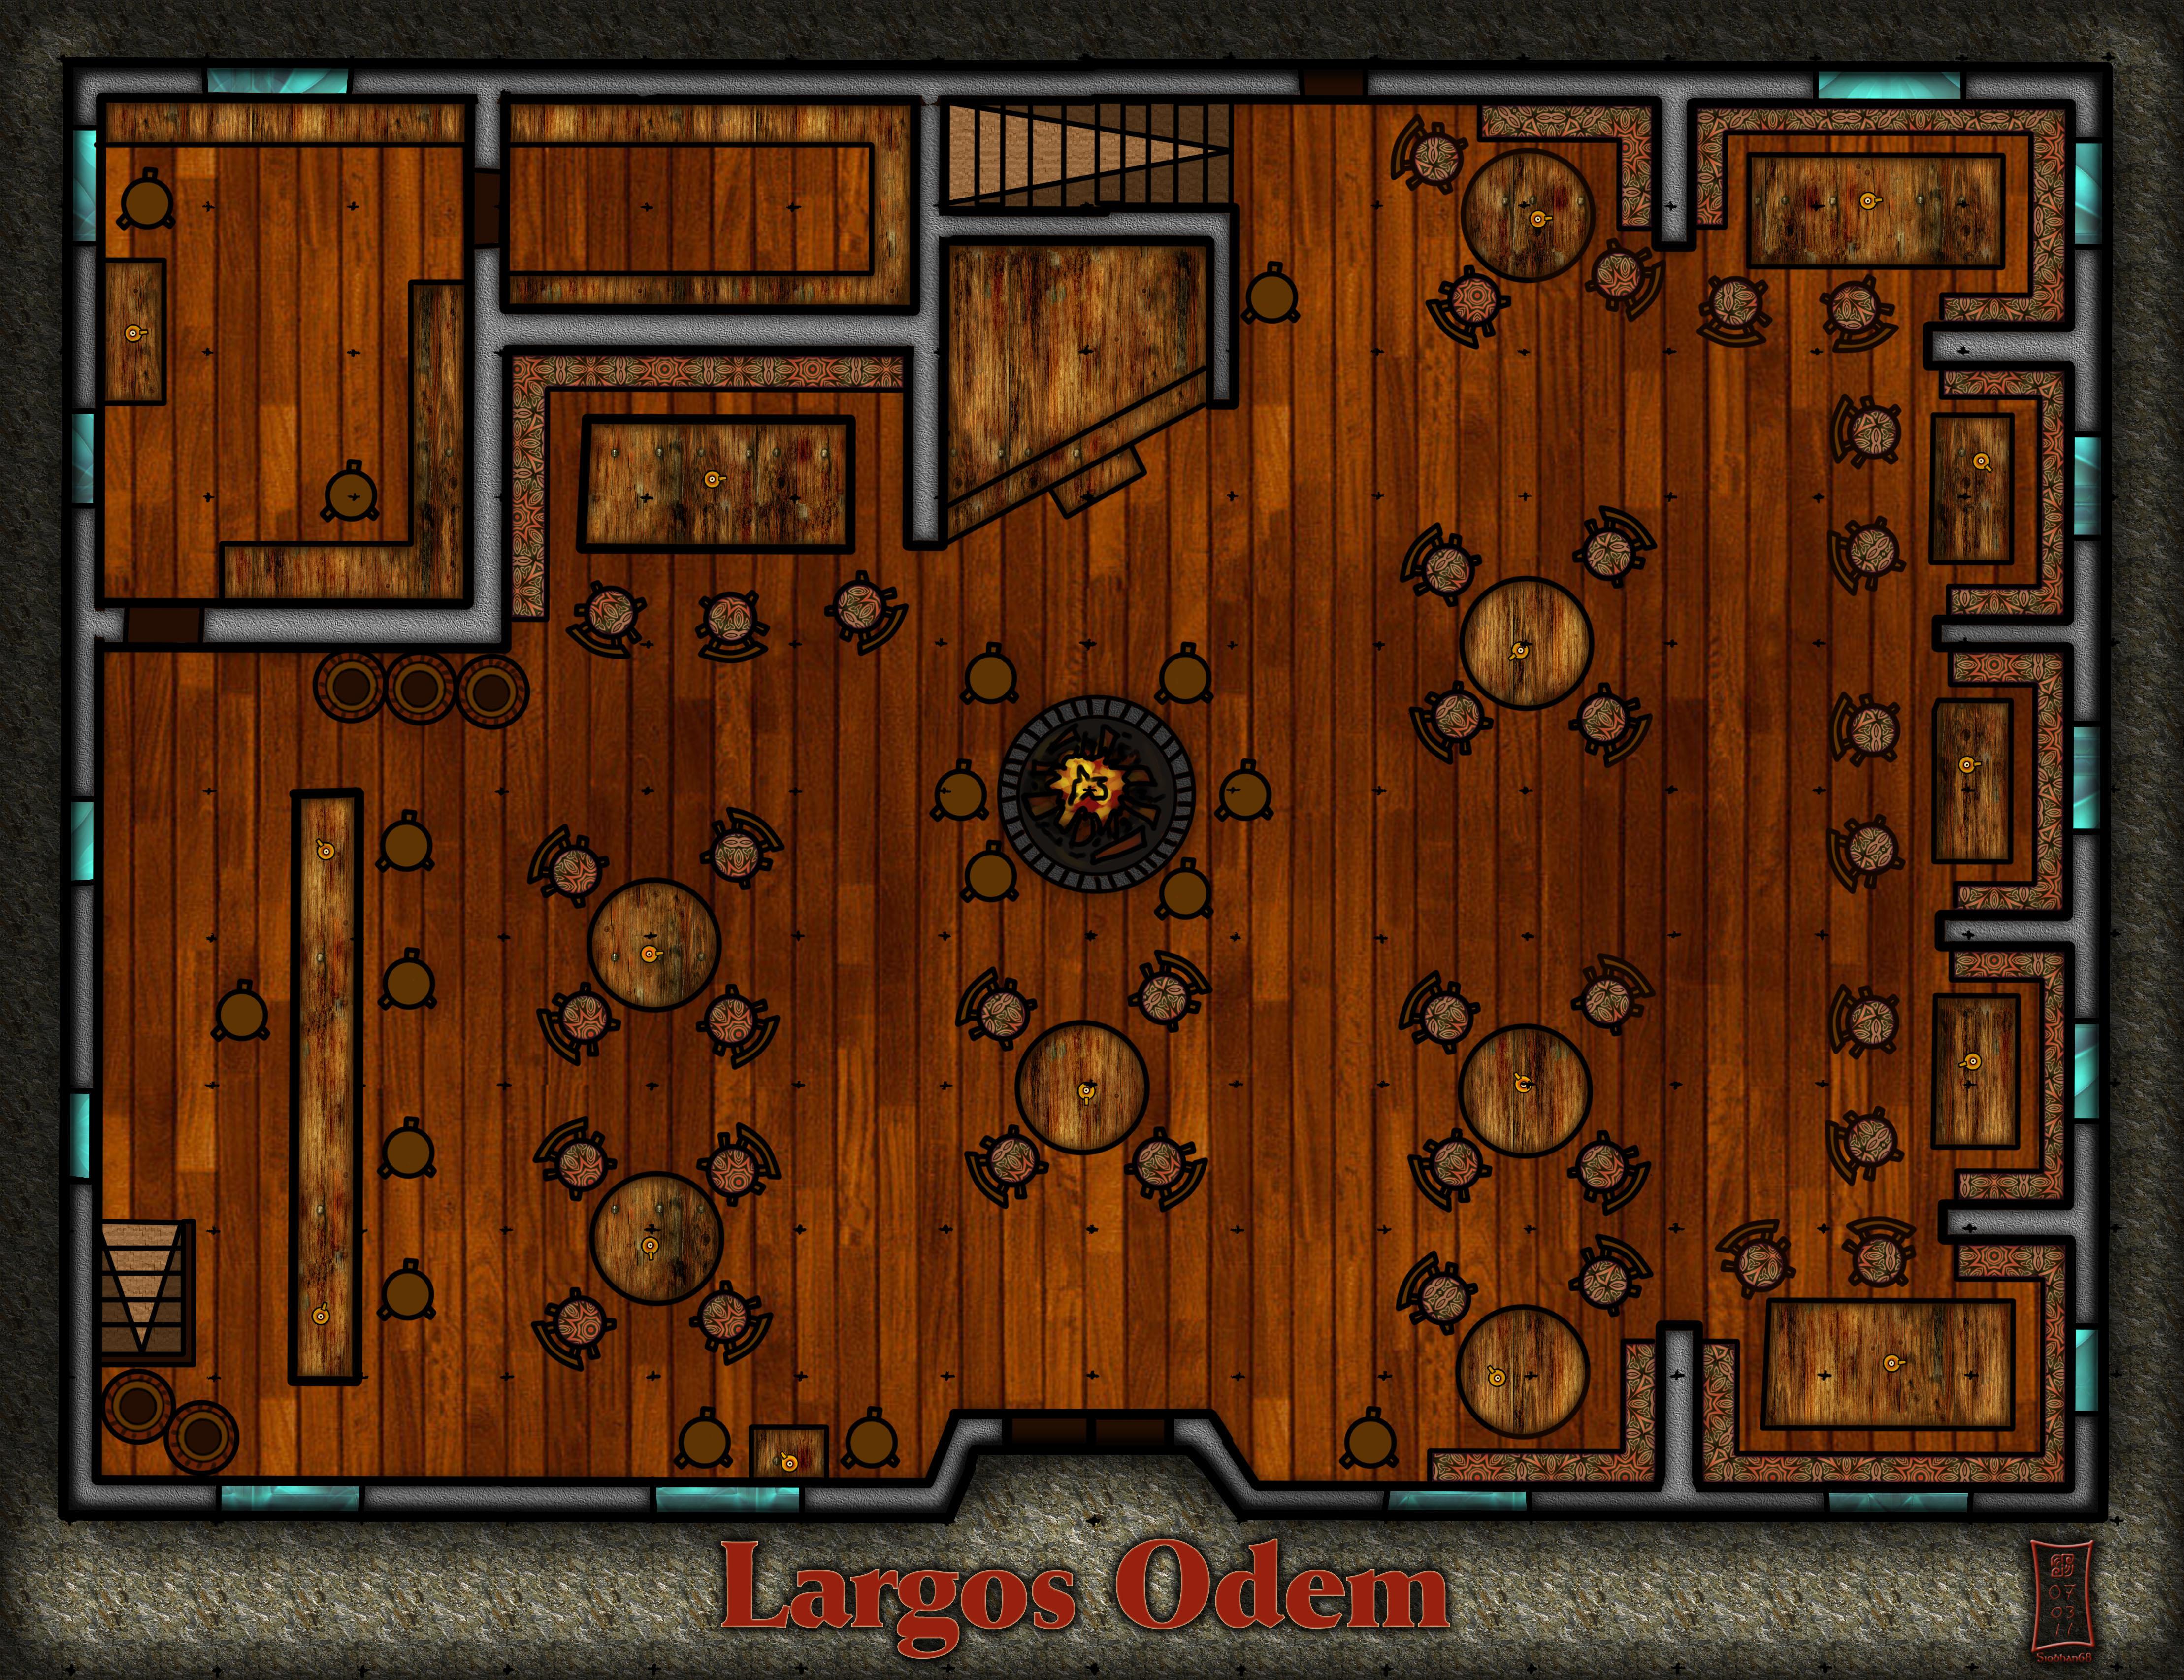 Largo 39 S Odem Tavern Floorplan By Siobhan68 On Deviantart